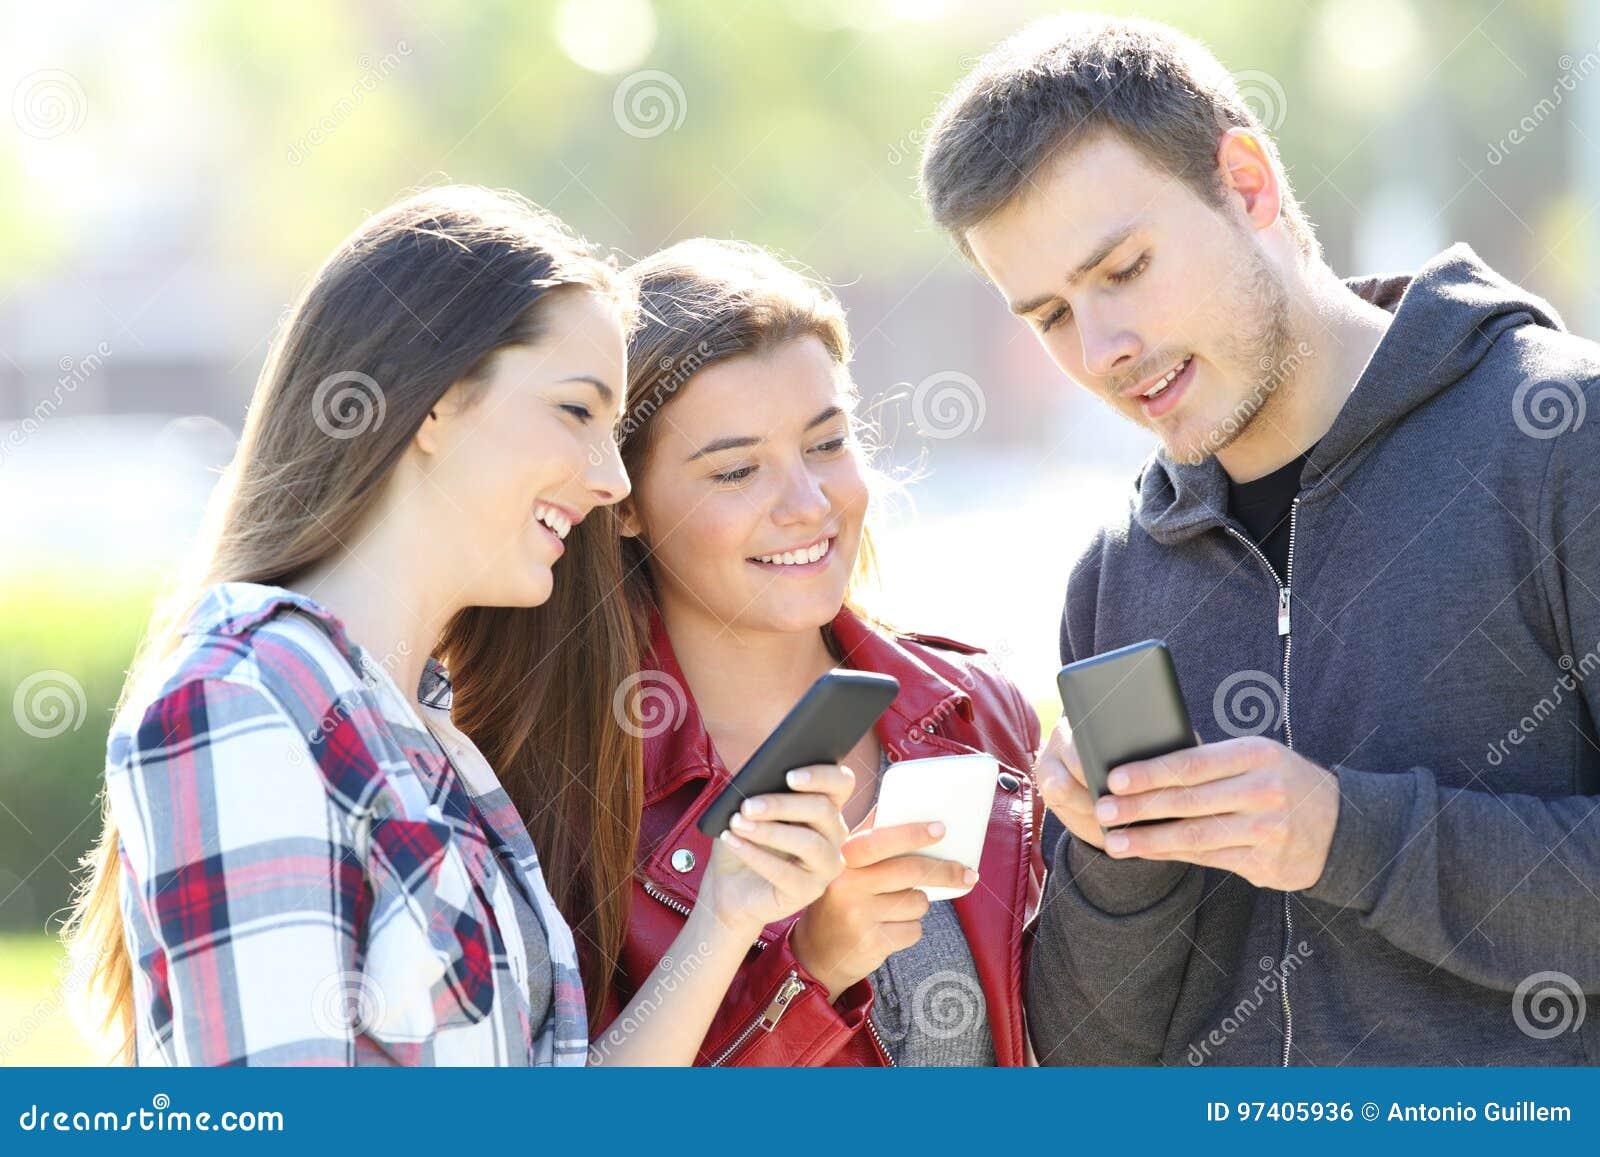 Junge Girls Tauschen Ihre Freunde